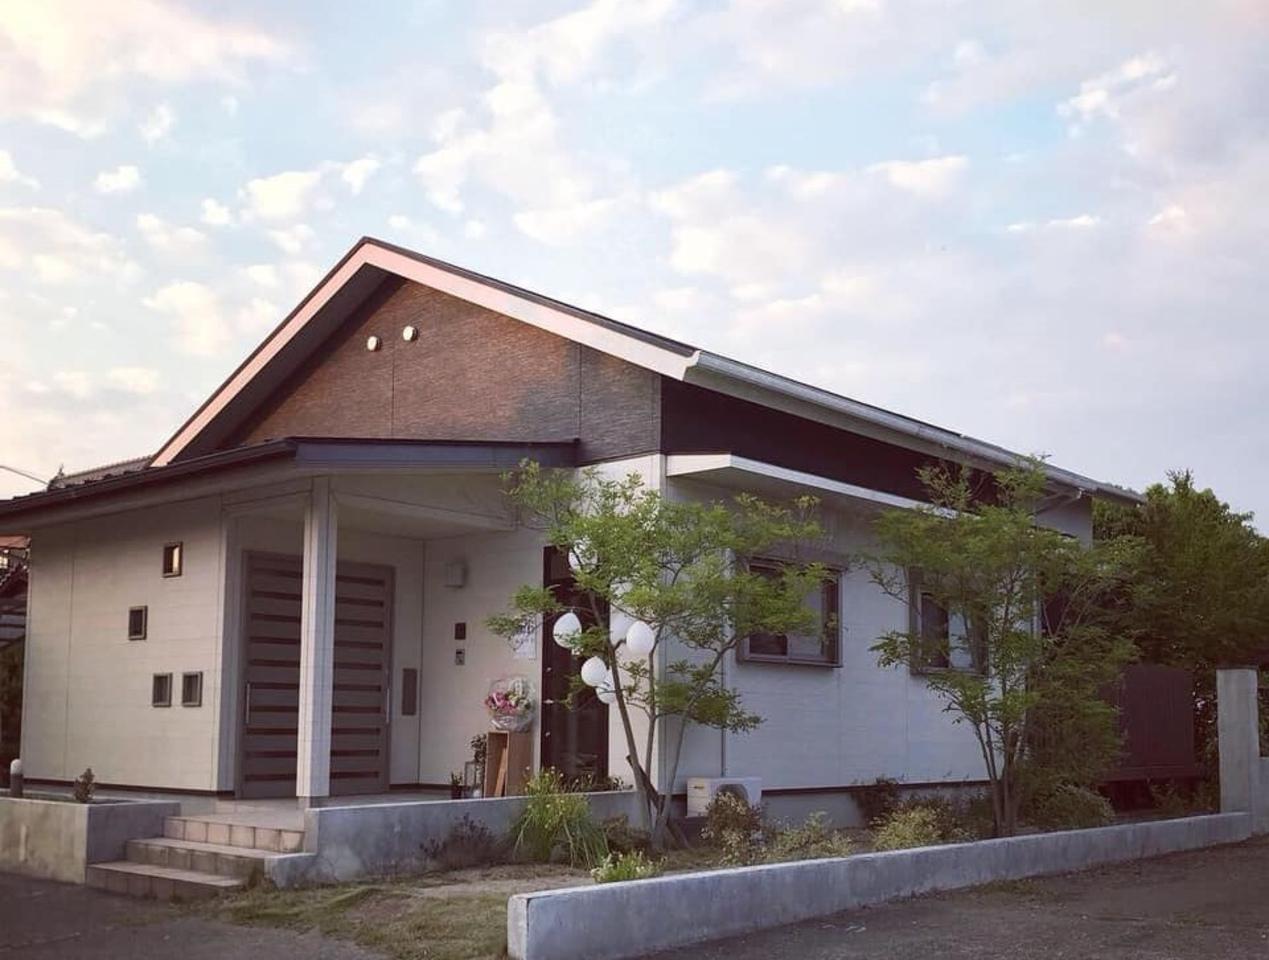 【 comfy 】インテリア雑貨ショップ(福岡県北九州市)5/6オープン